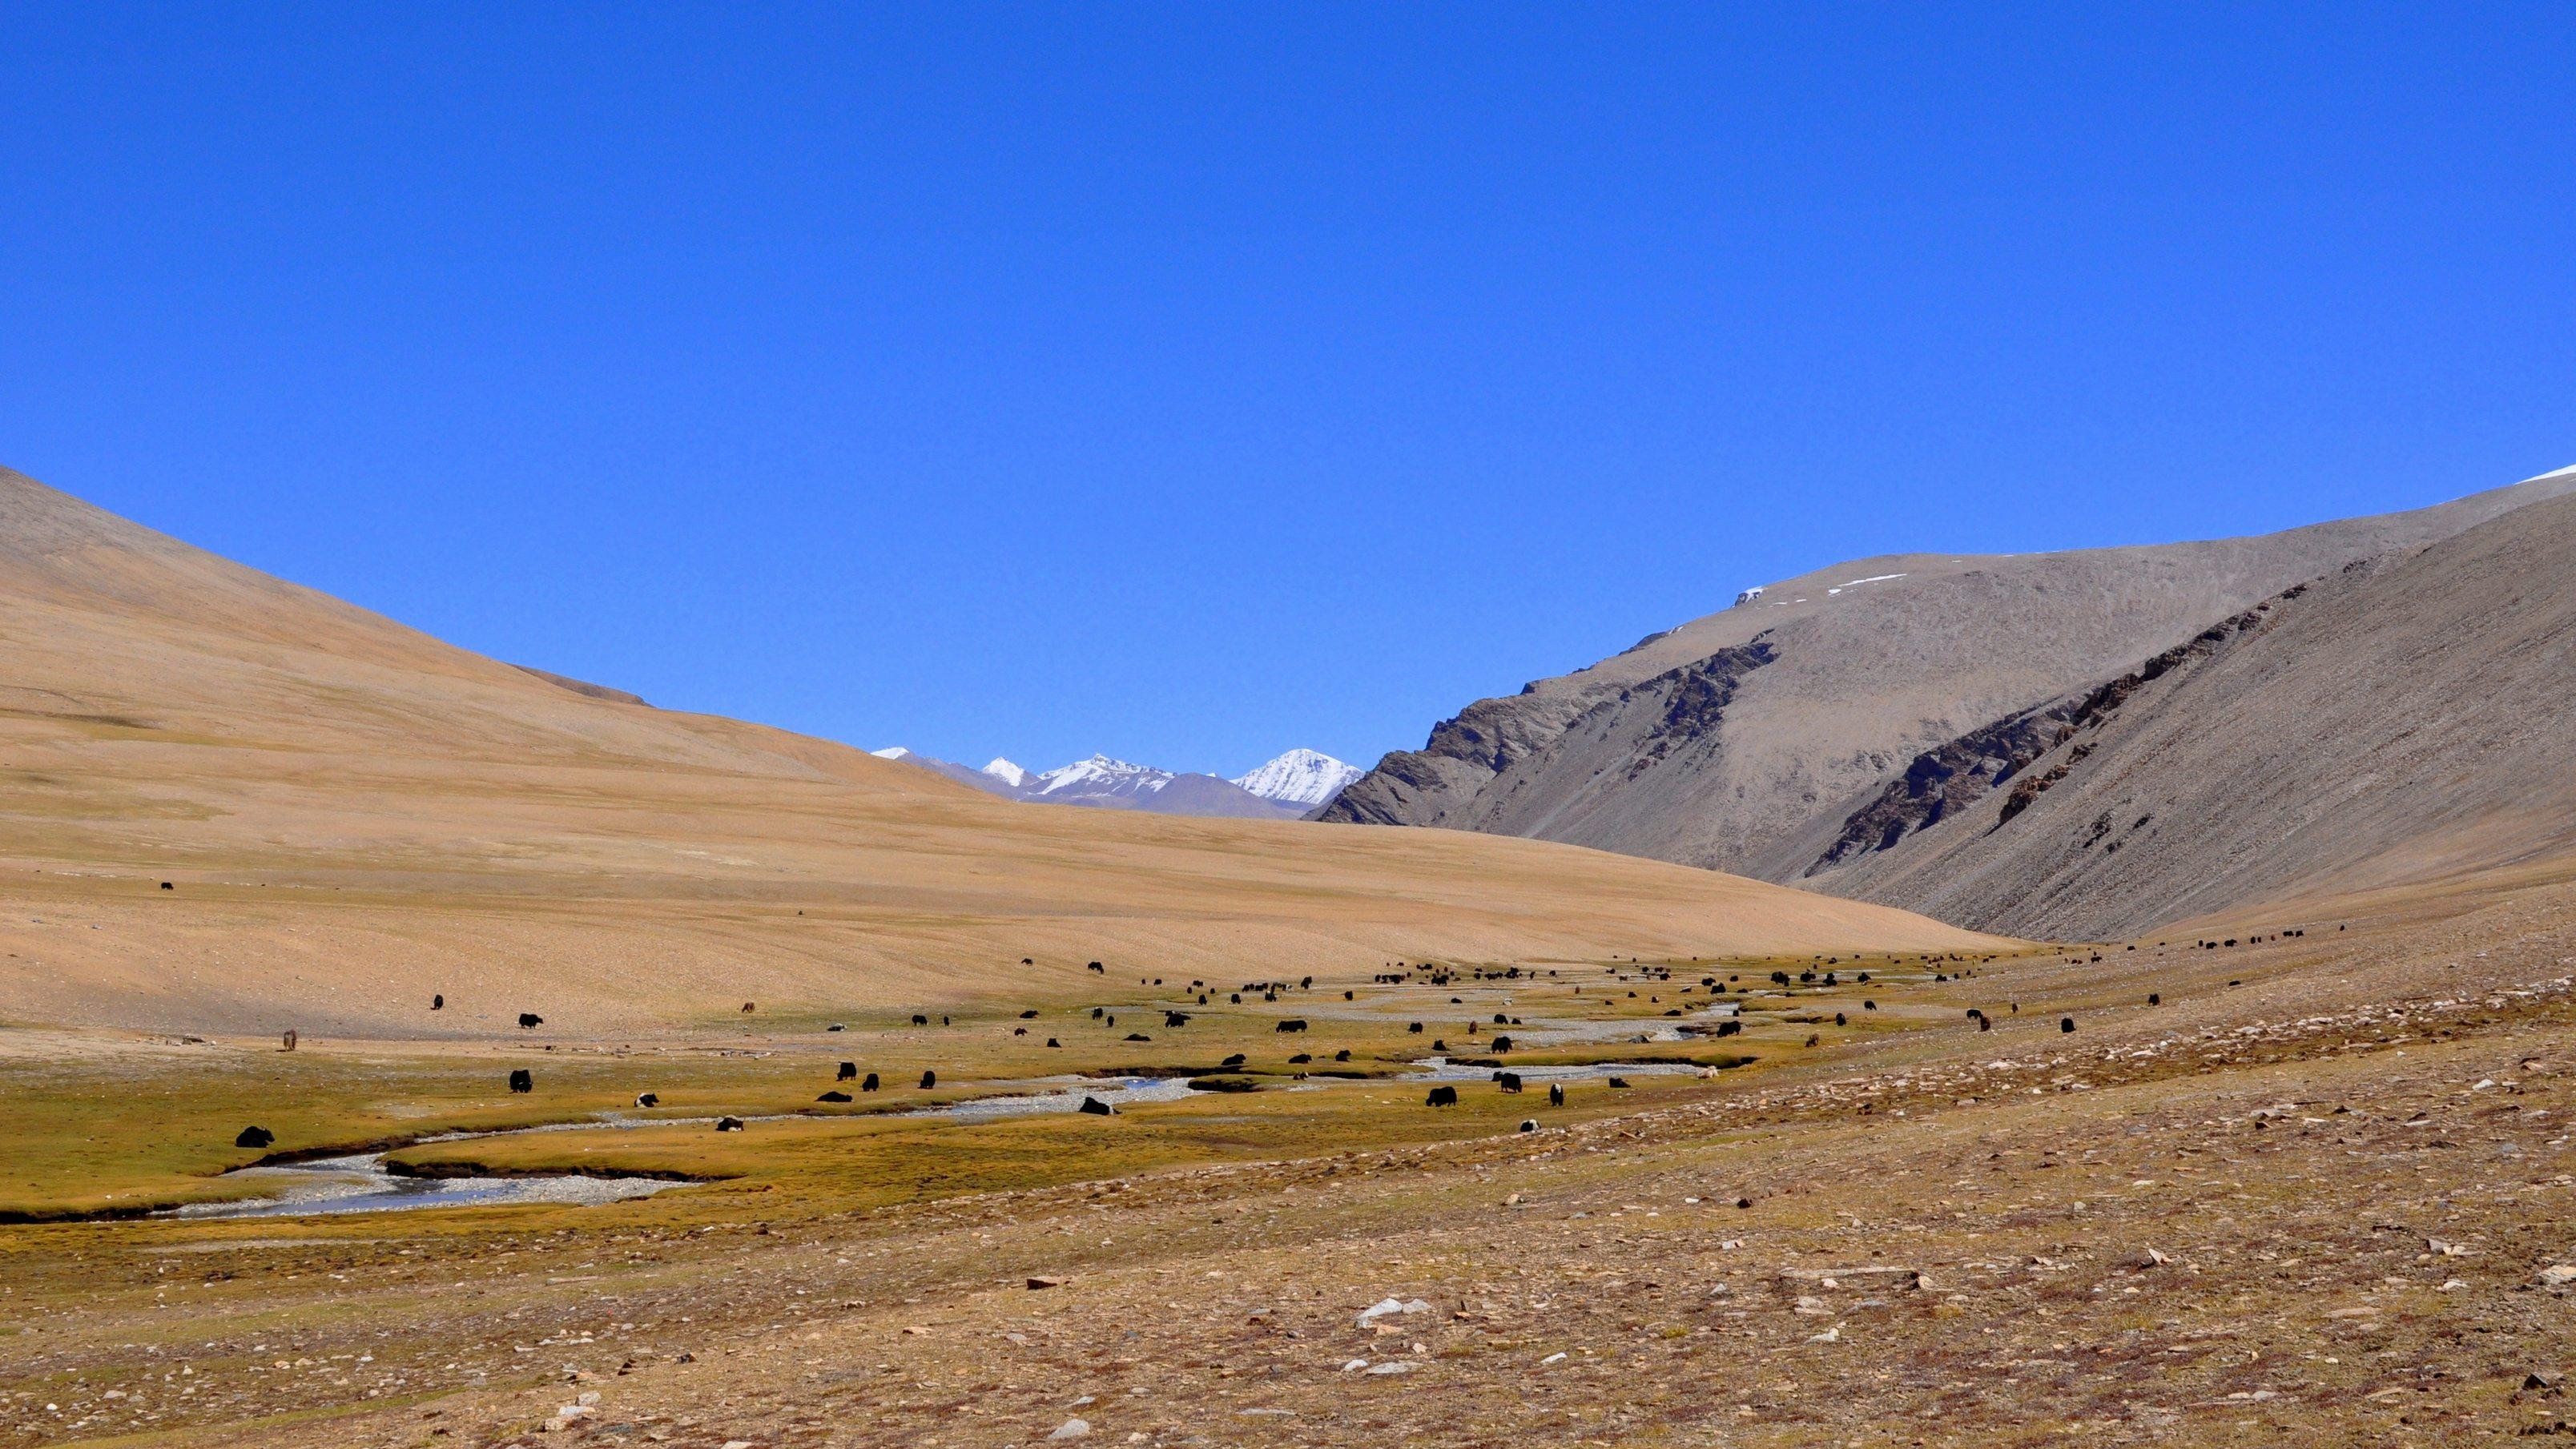 Vallée perdue, entre les cols de Kyamaru La et Gyama La (5200m)